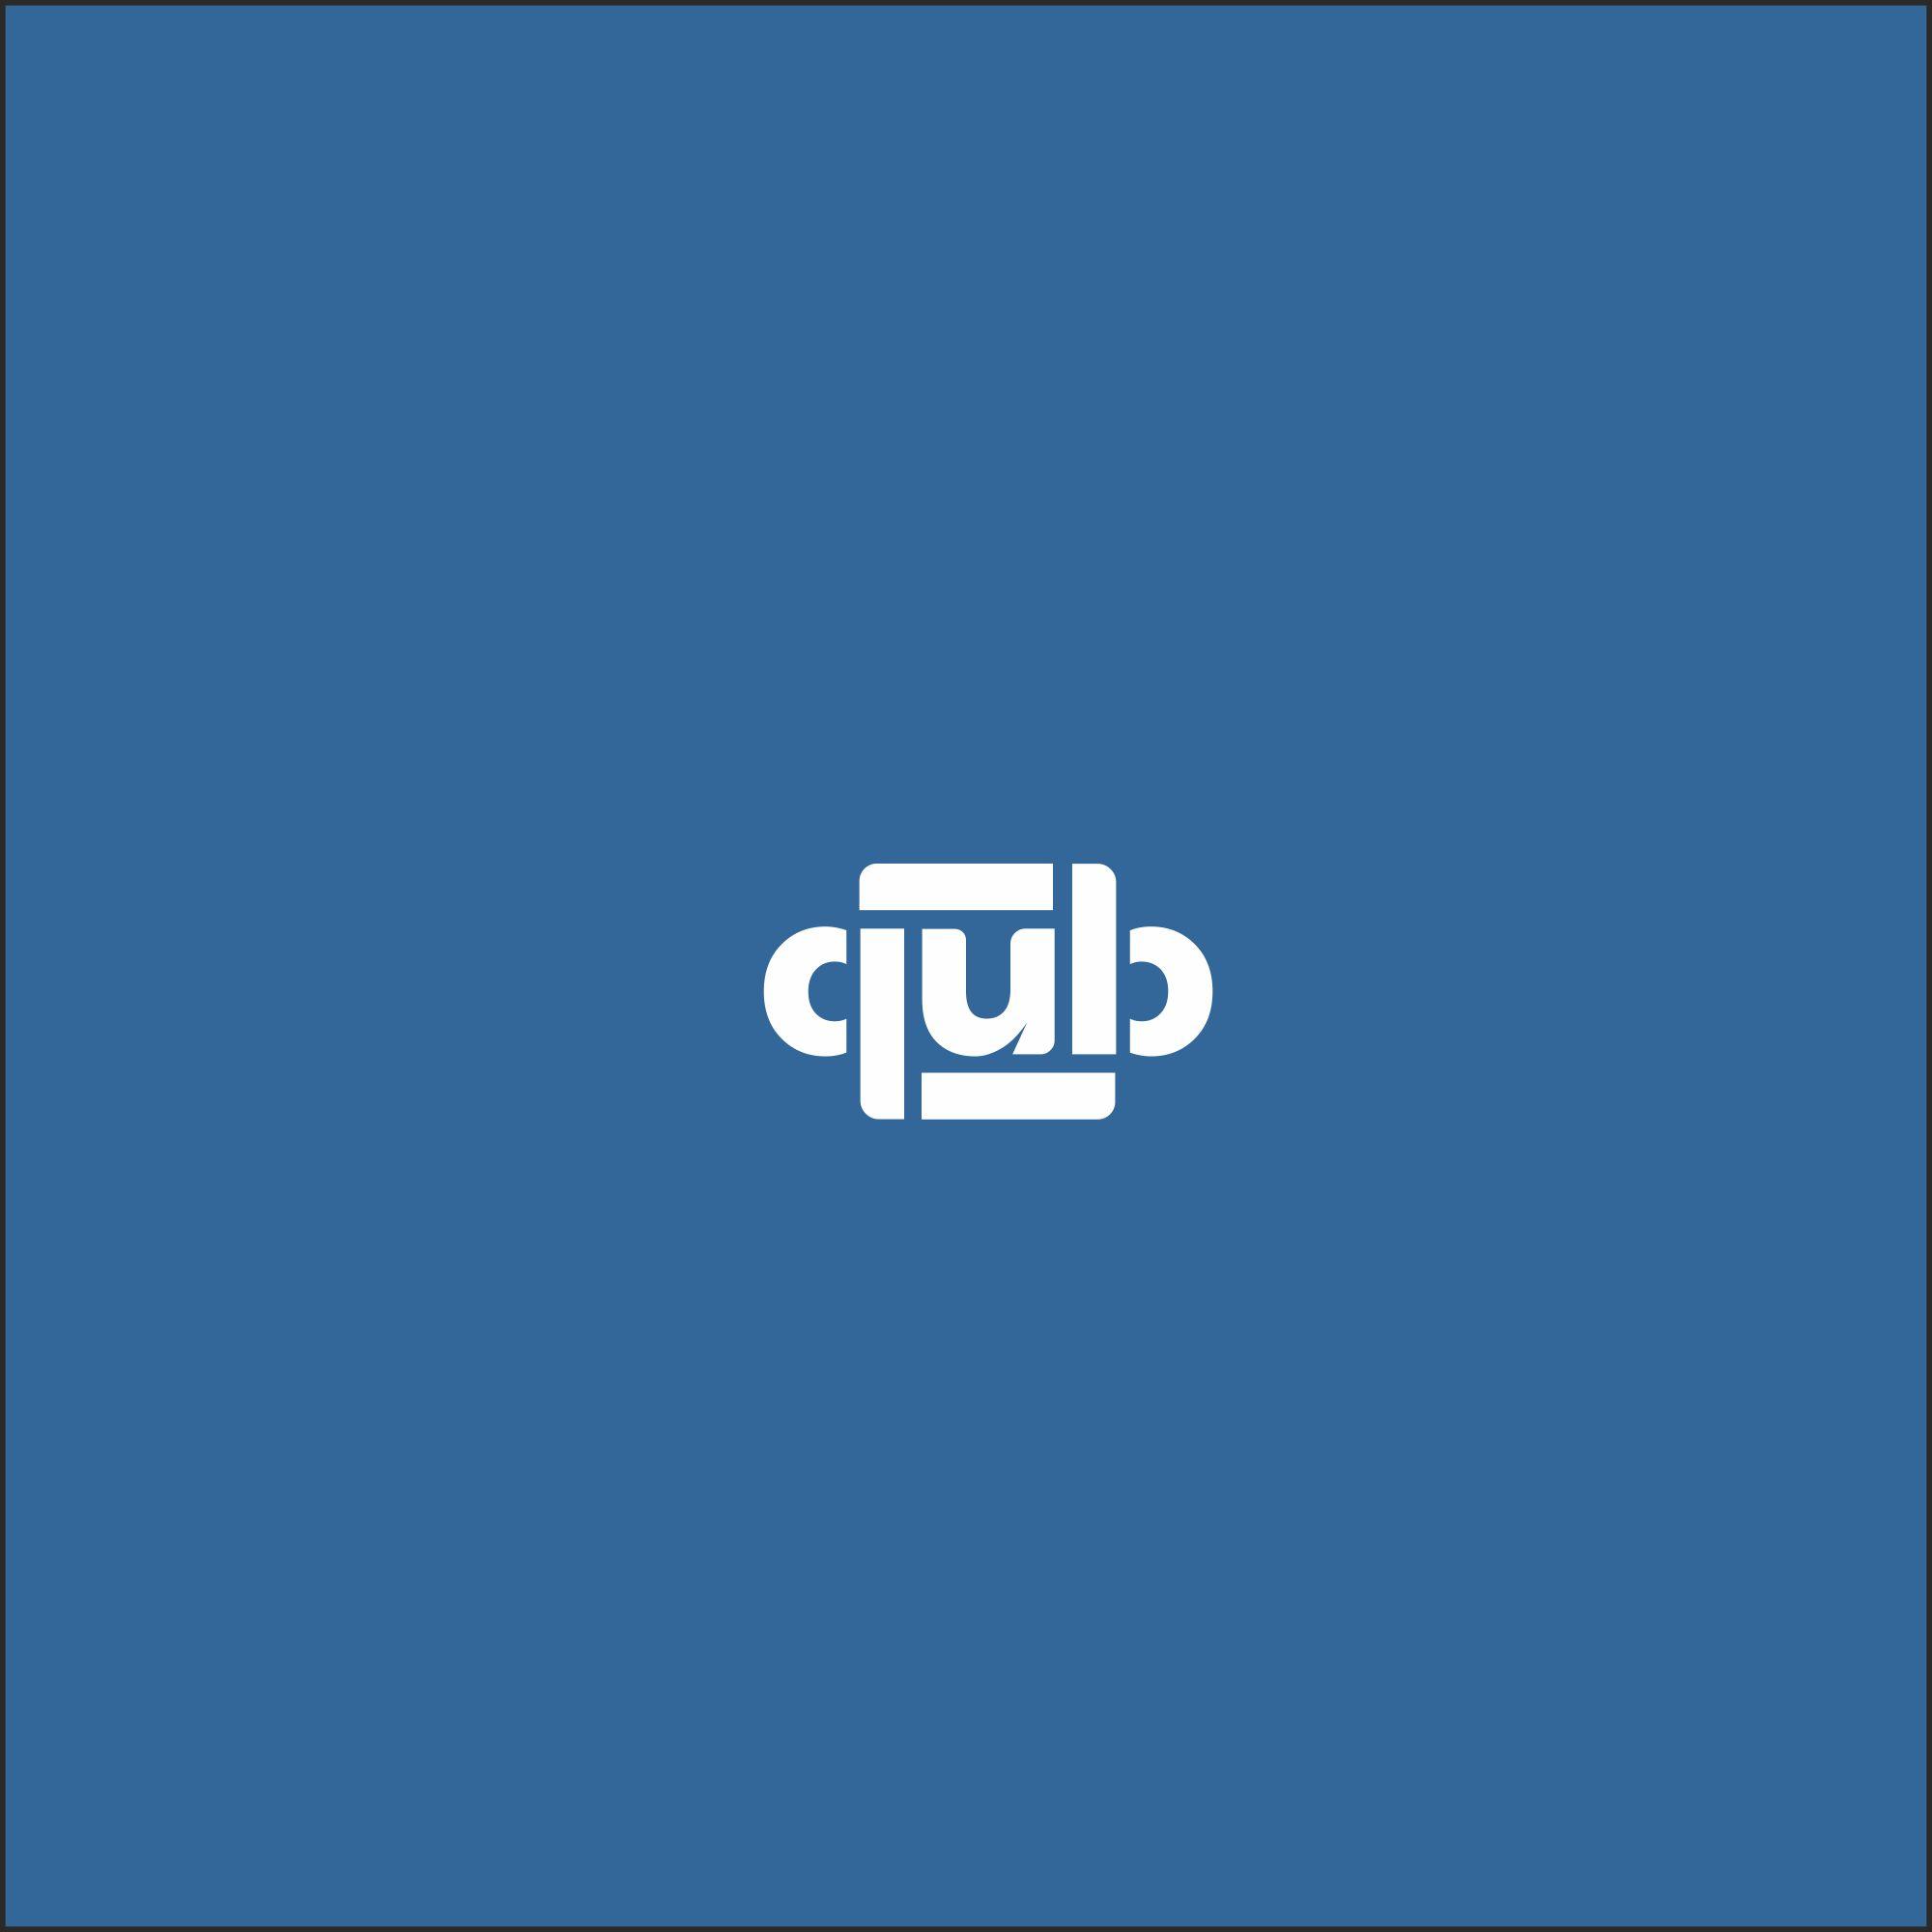 Разработка логотипа и фирменного стиля для ТМ фото f_1475f1eafff3d4f6.jpg